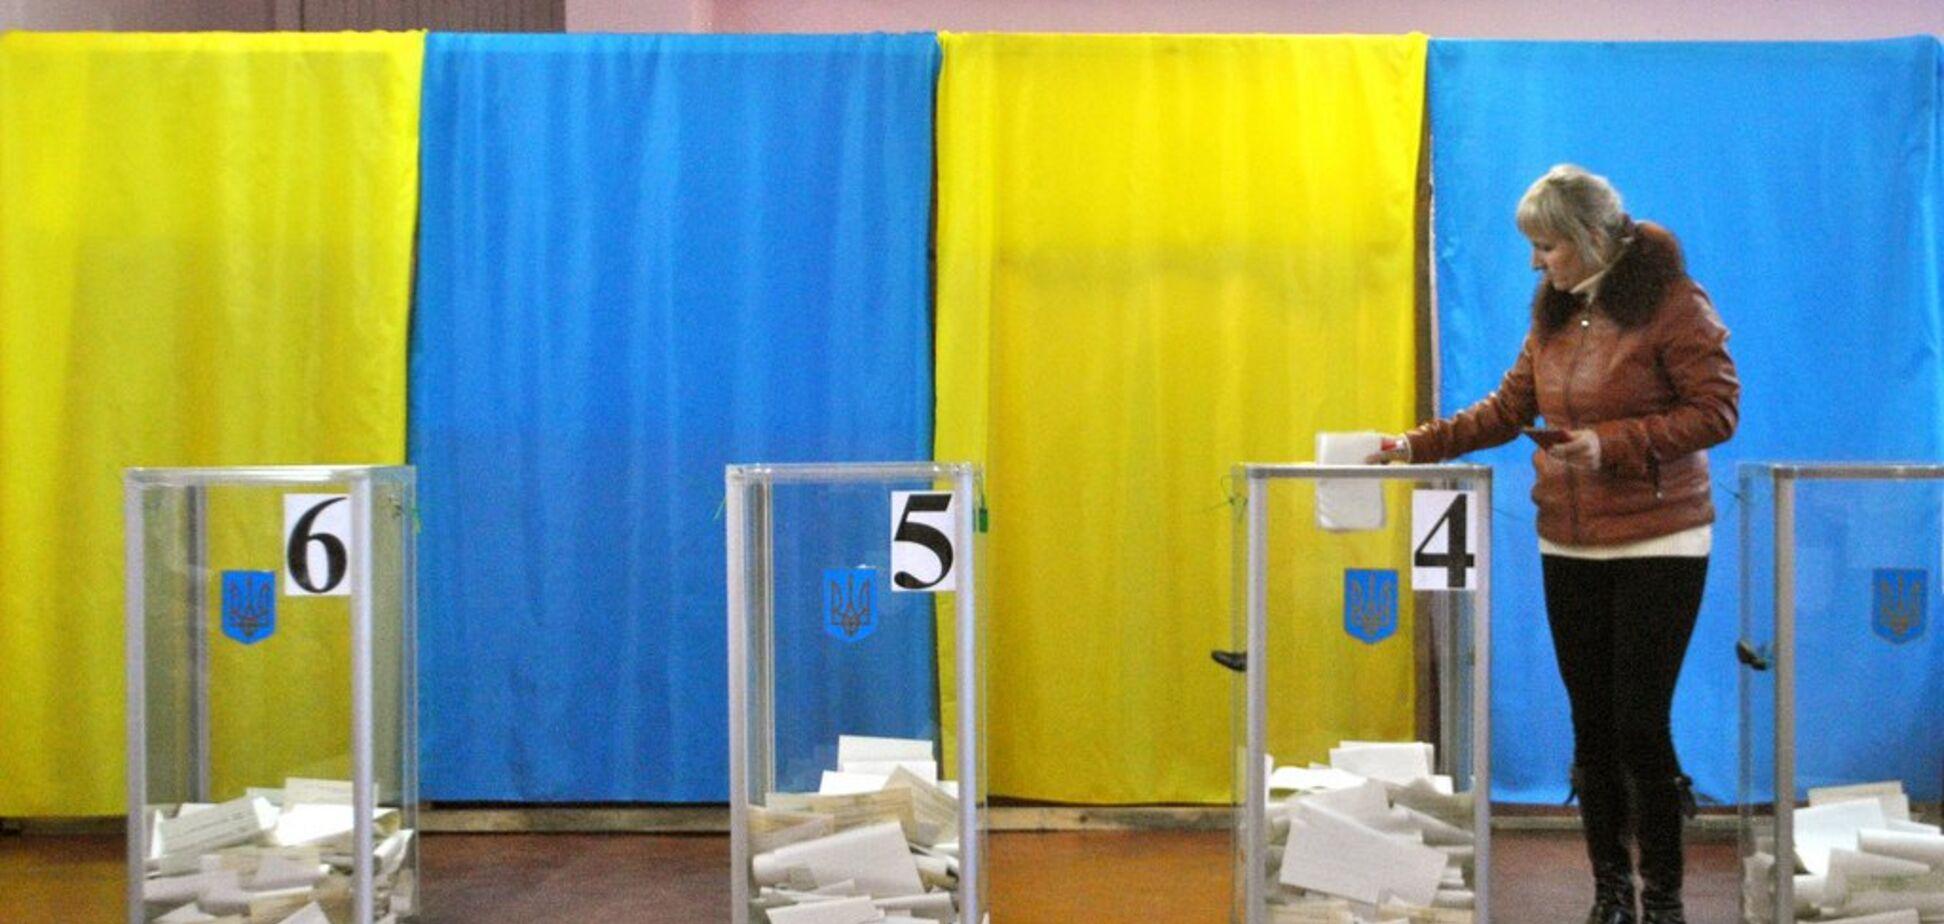 Два сценария будущего Украины: озвучен прогноз на выборы-2019